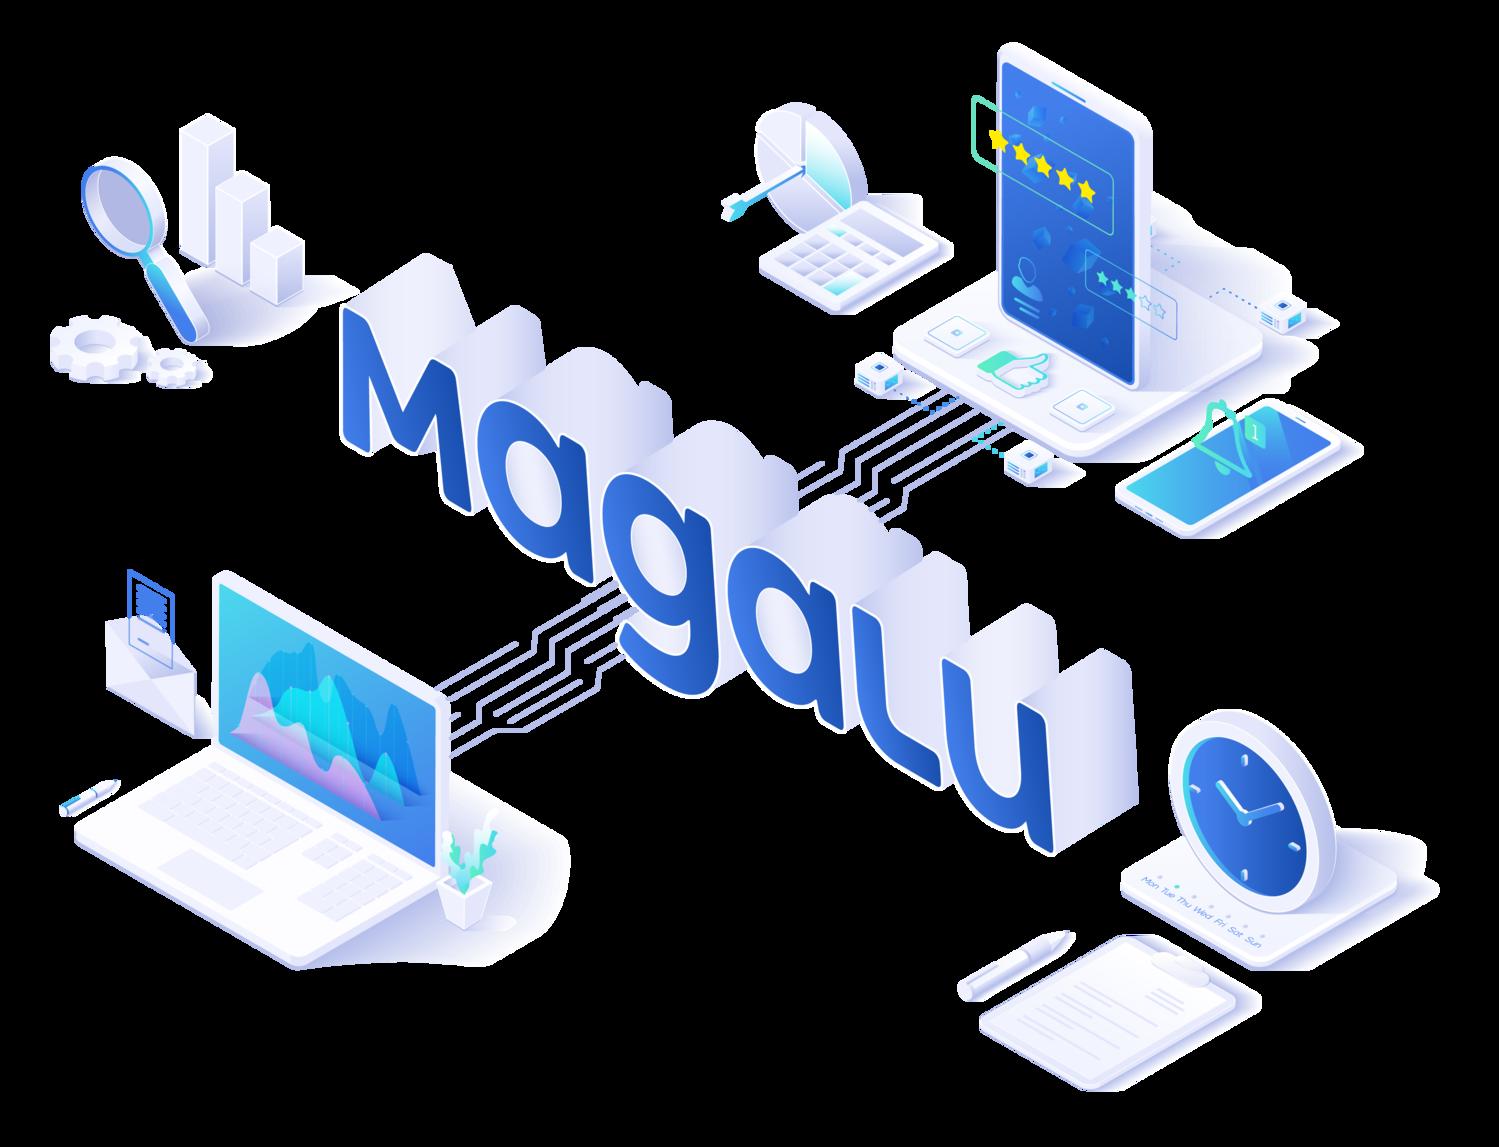 CASE MAGALU O impacto da nova plataforma de telefonia e nova URA na experiência do cliente